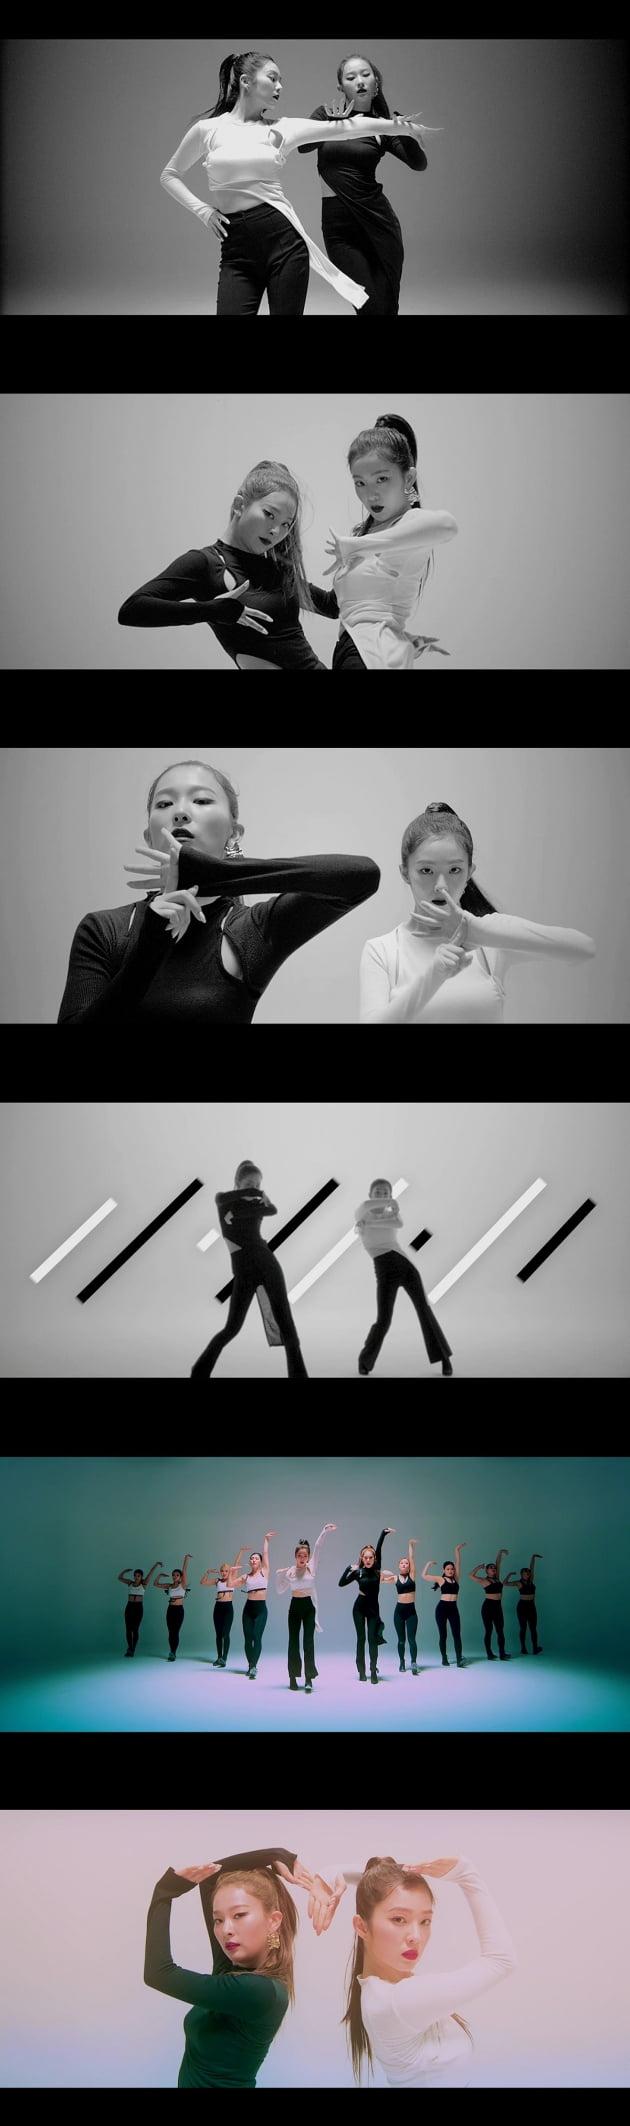 레드벨벳-아이린&슬기 '놀이 (Naughty)' 스페셜 비디오 캡처 이미지